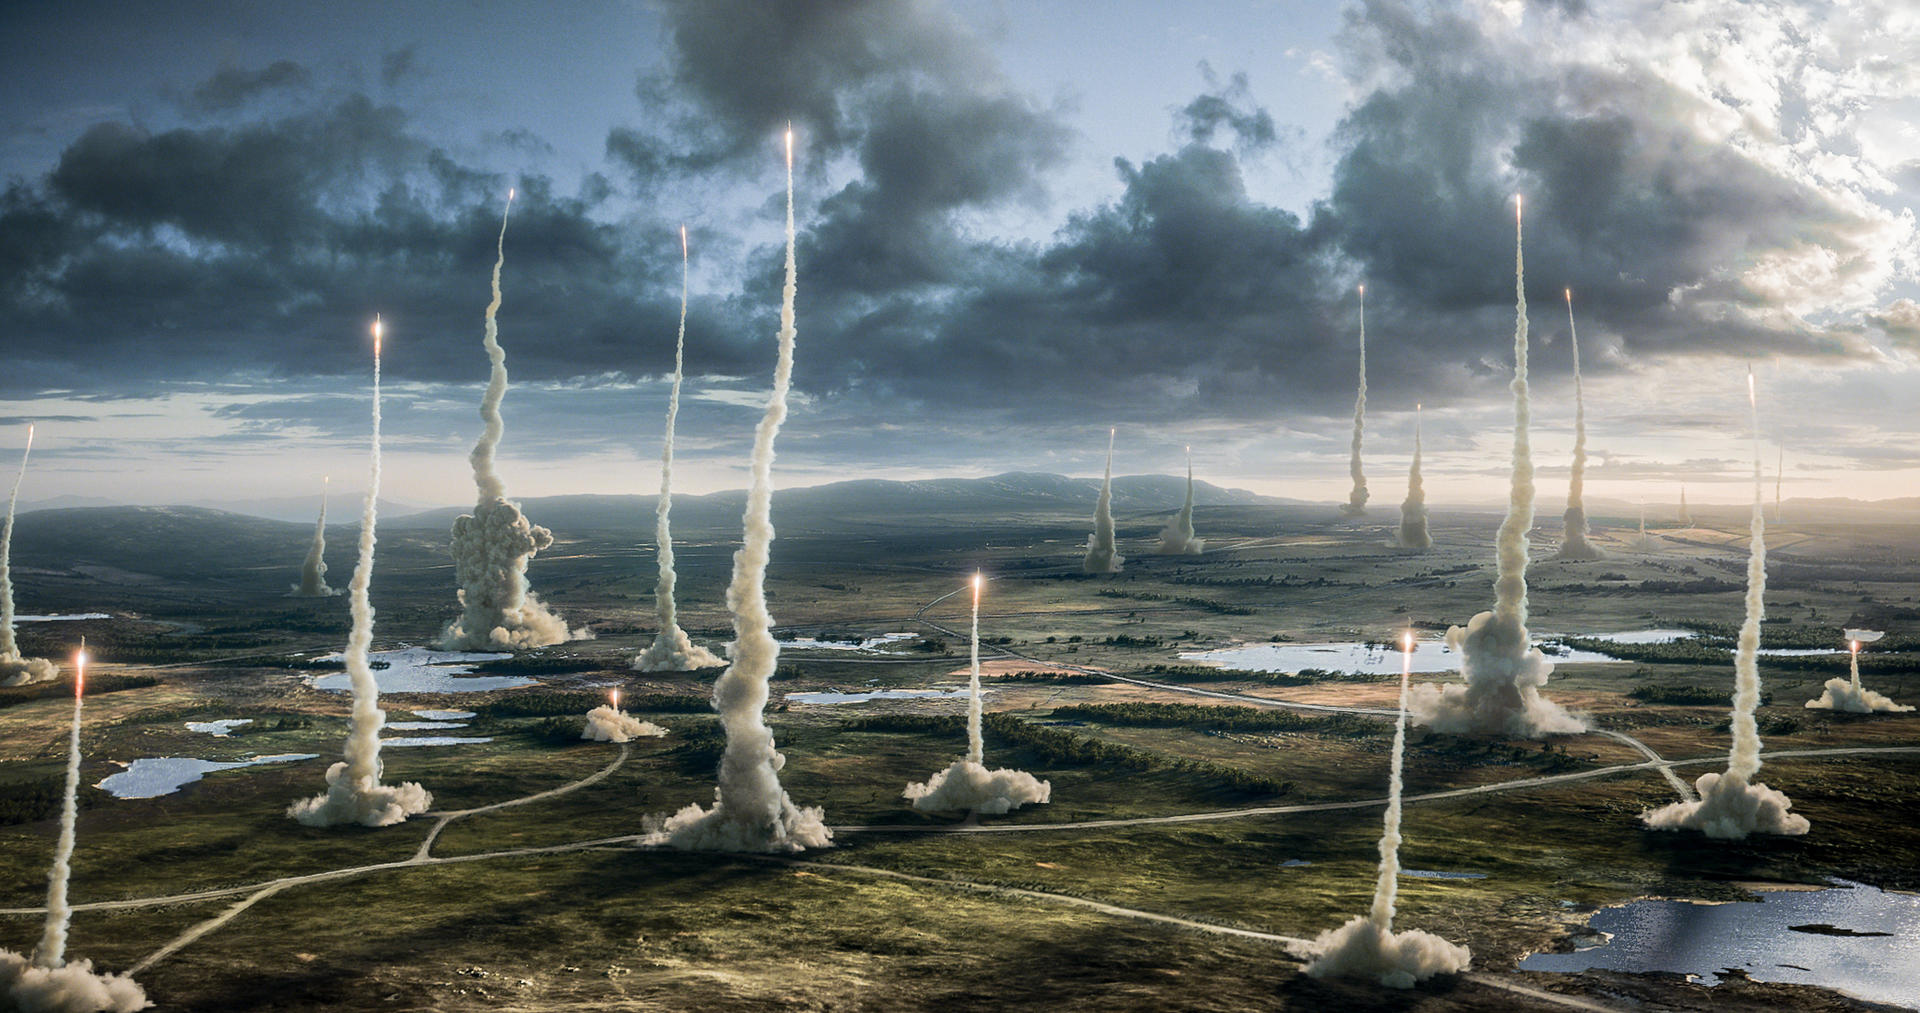 War der Kinosommer eine Katastrophe? Zumindest in X-Men - Apocalypse ging viel kaputt. (Quelle: © Twentieth Century Fox of Germany GmbH